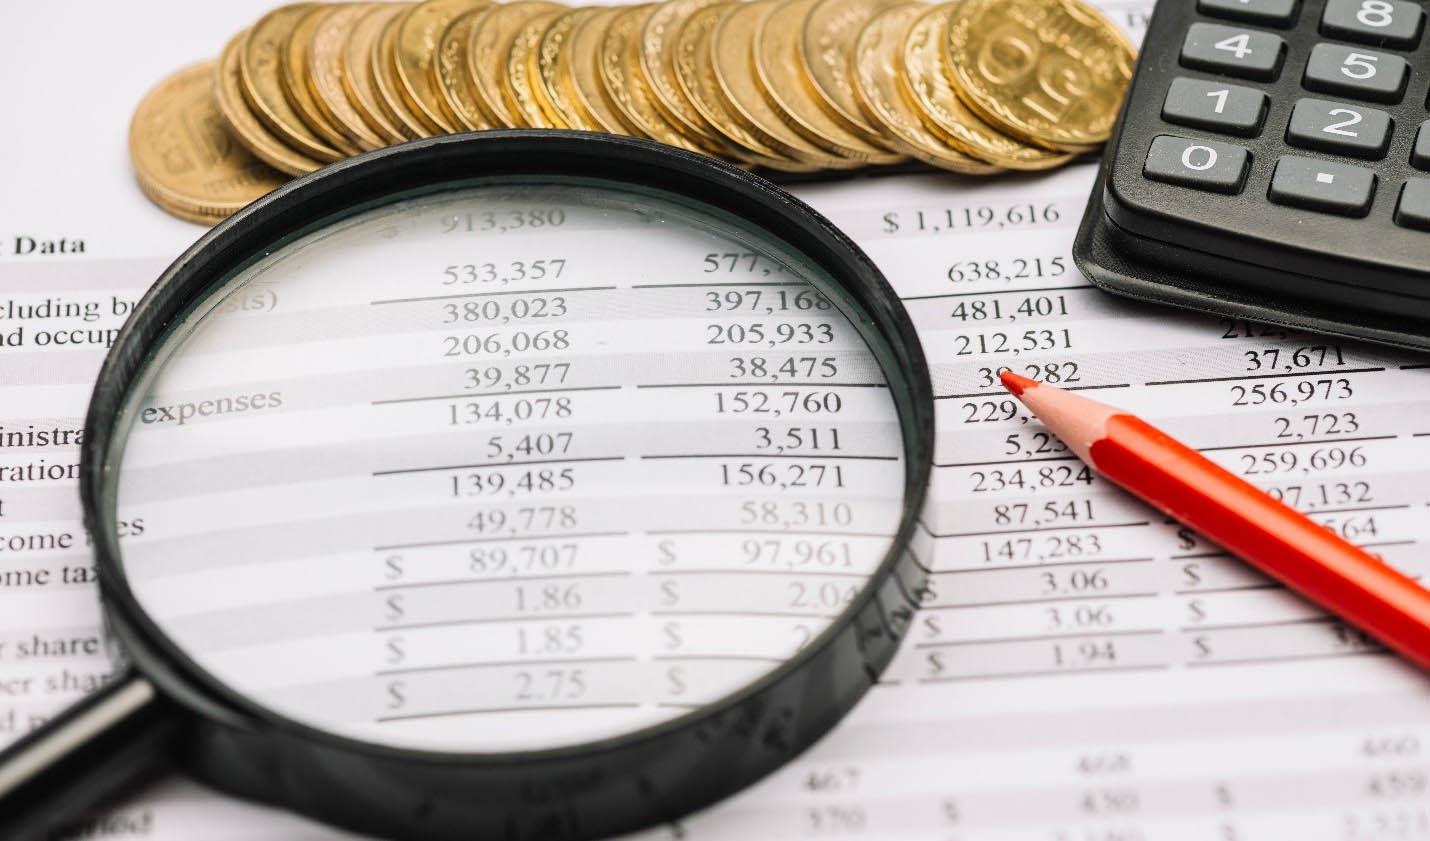 چگونگی معافیت مالیاتی خودرو، مسکن، طلا و ارز/ این خانوار از پرداخت مالیات بر عایدی سرمایه معاف هستند